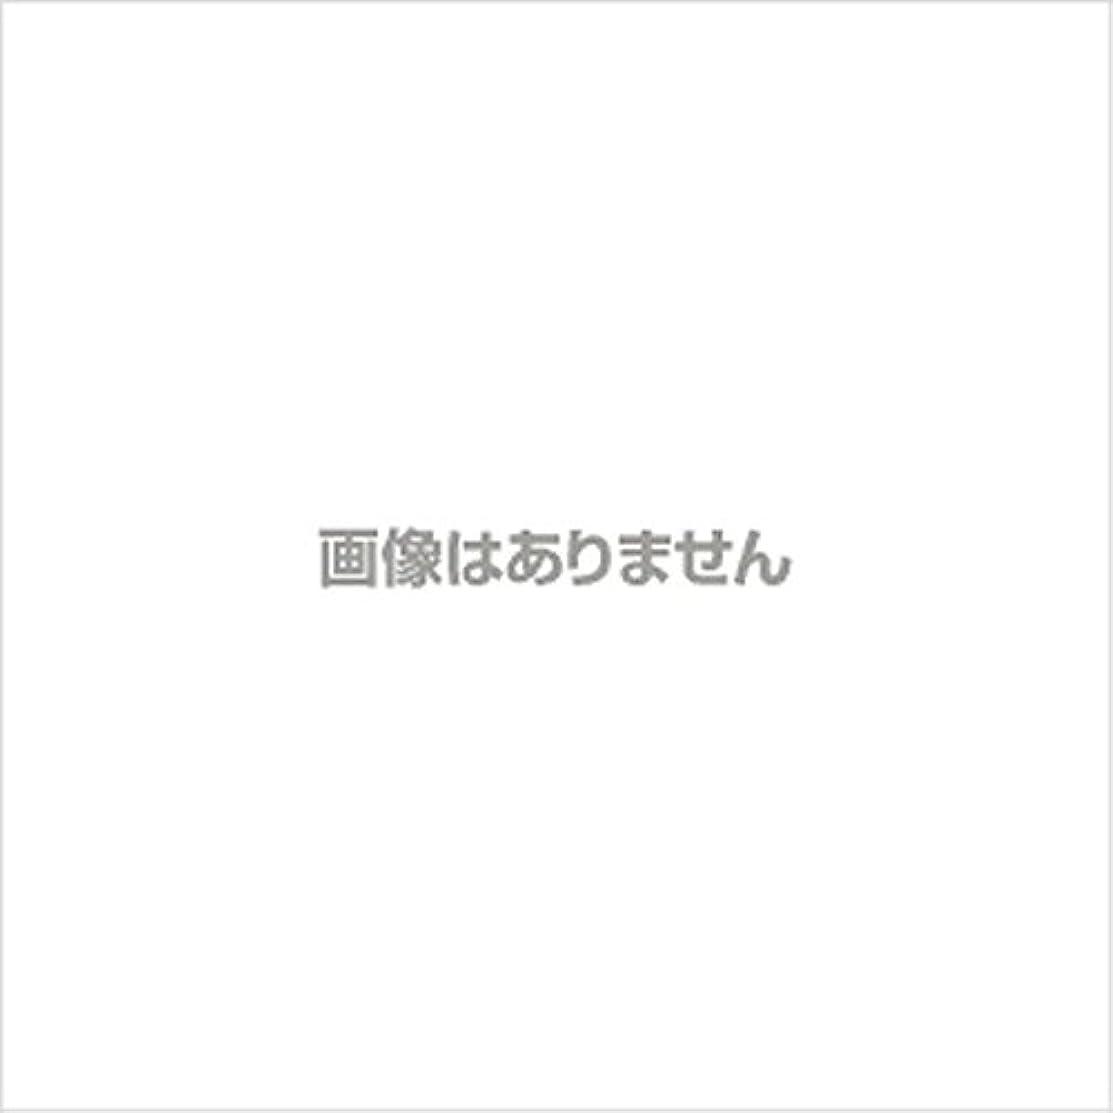 薄める元気代数ニュージャスト ヘルパーグローブ L(500枚入) 【商品コード】4010500